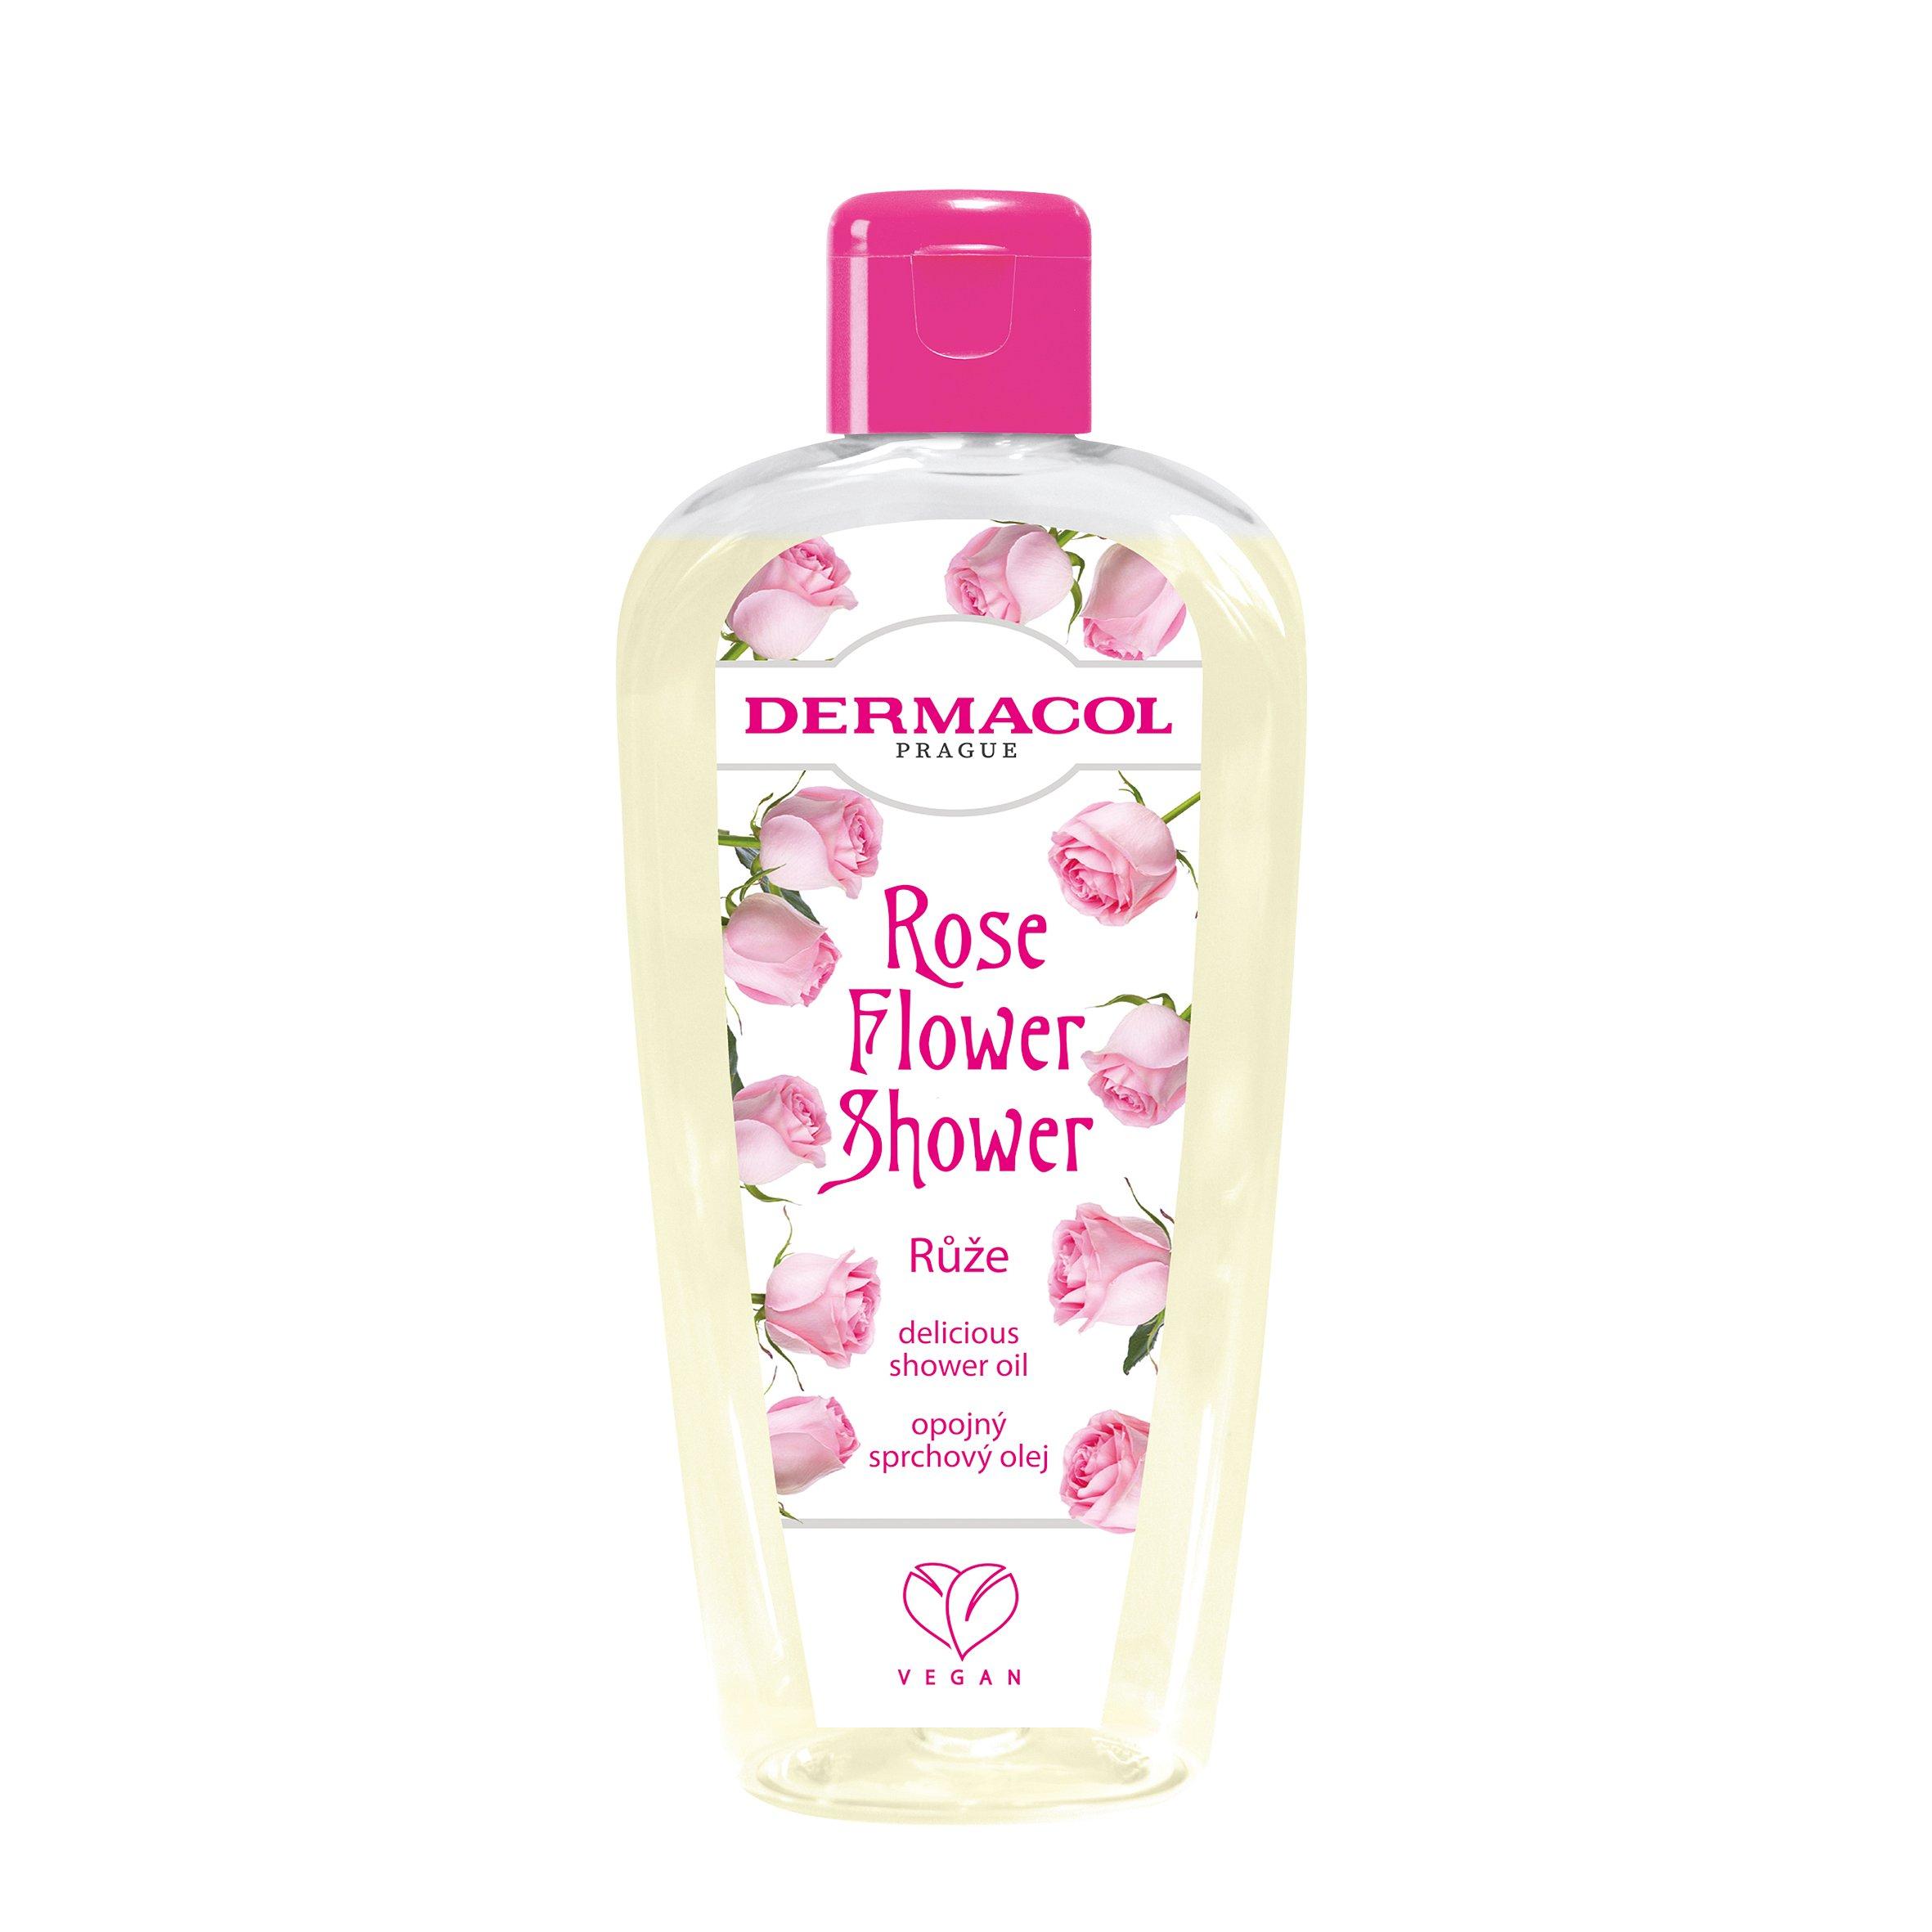 Dermacol Flower shower Opojný sprchový olej Růže 200ml